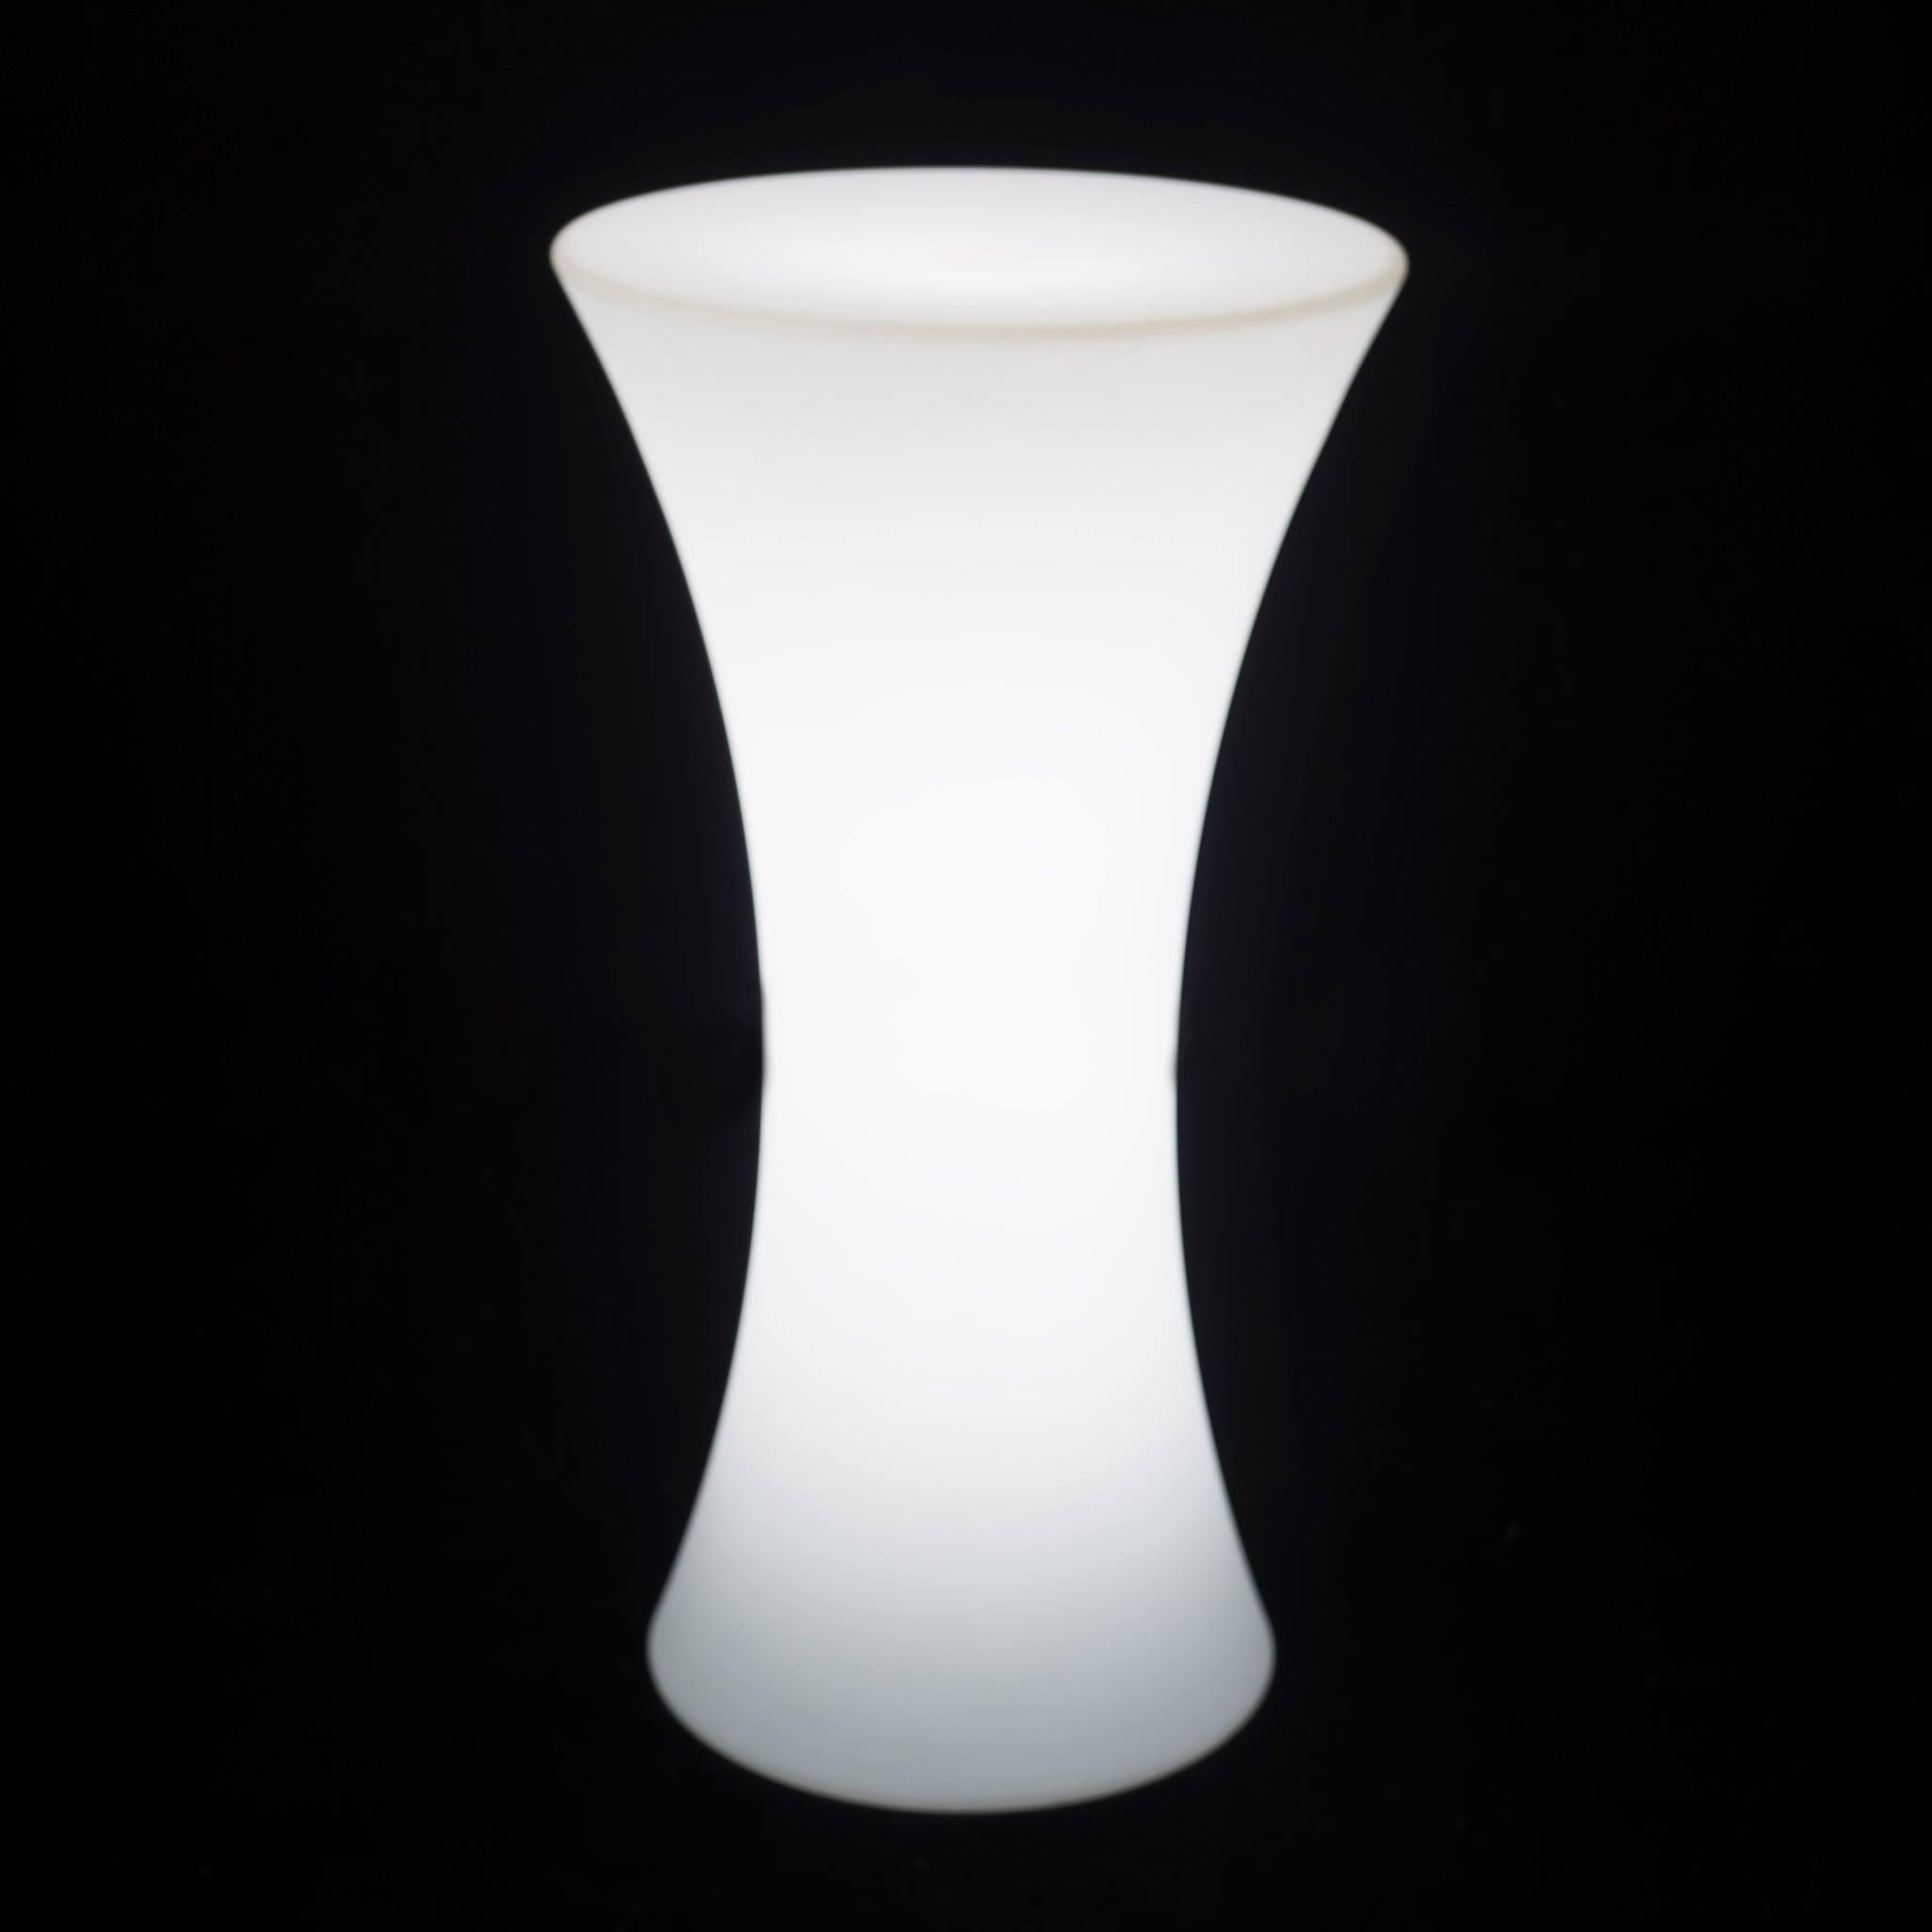 STOLIK COCTAIL LED